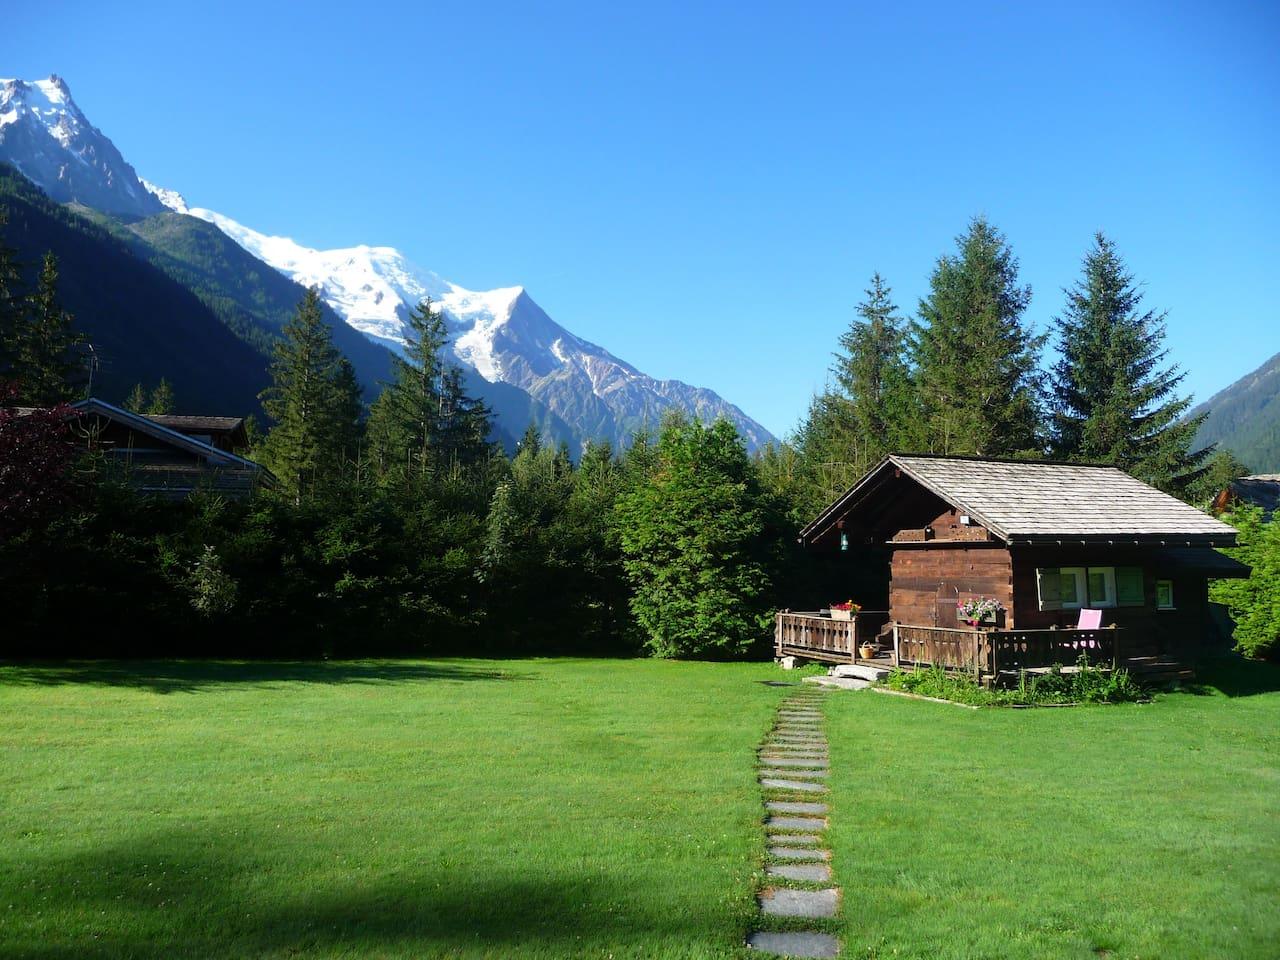 Vue du mazot depuis notre maison avec le Mont Blanc en arriere plan